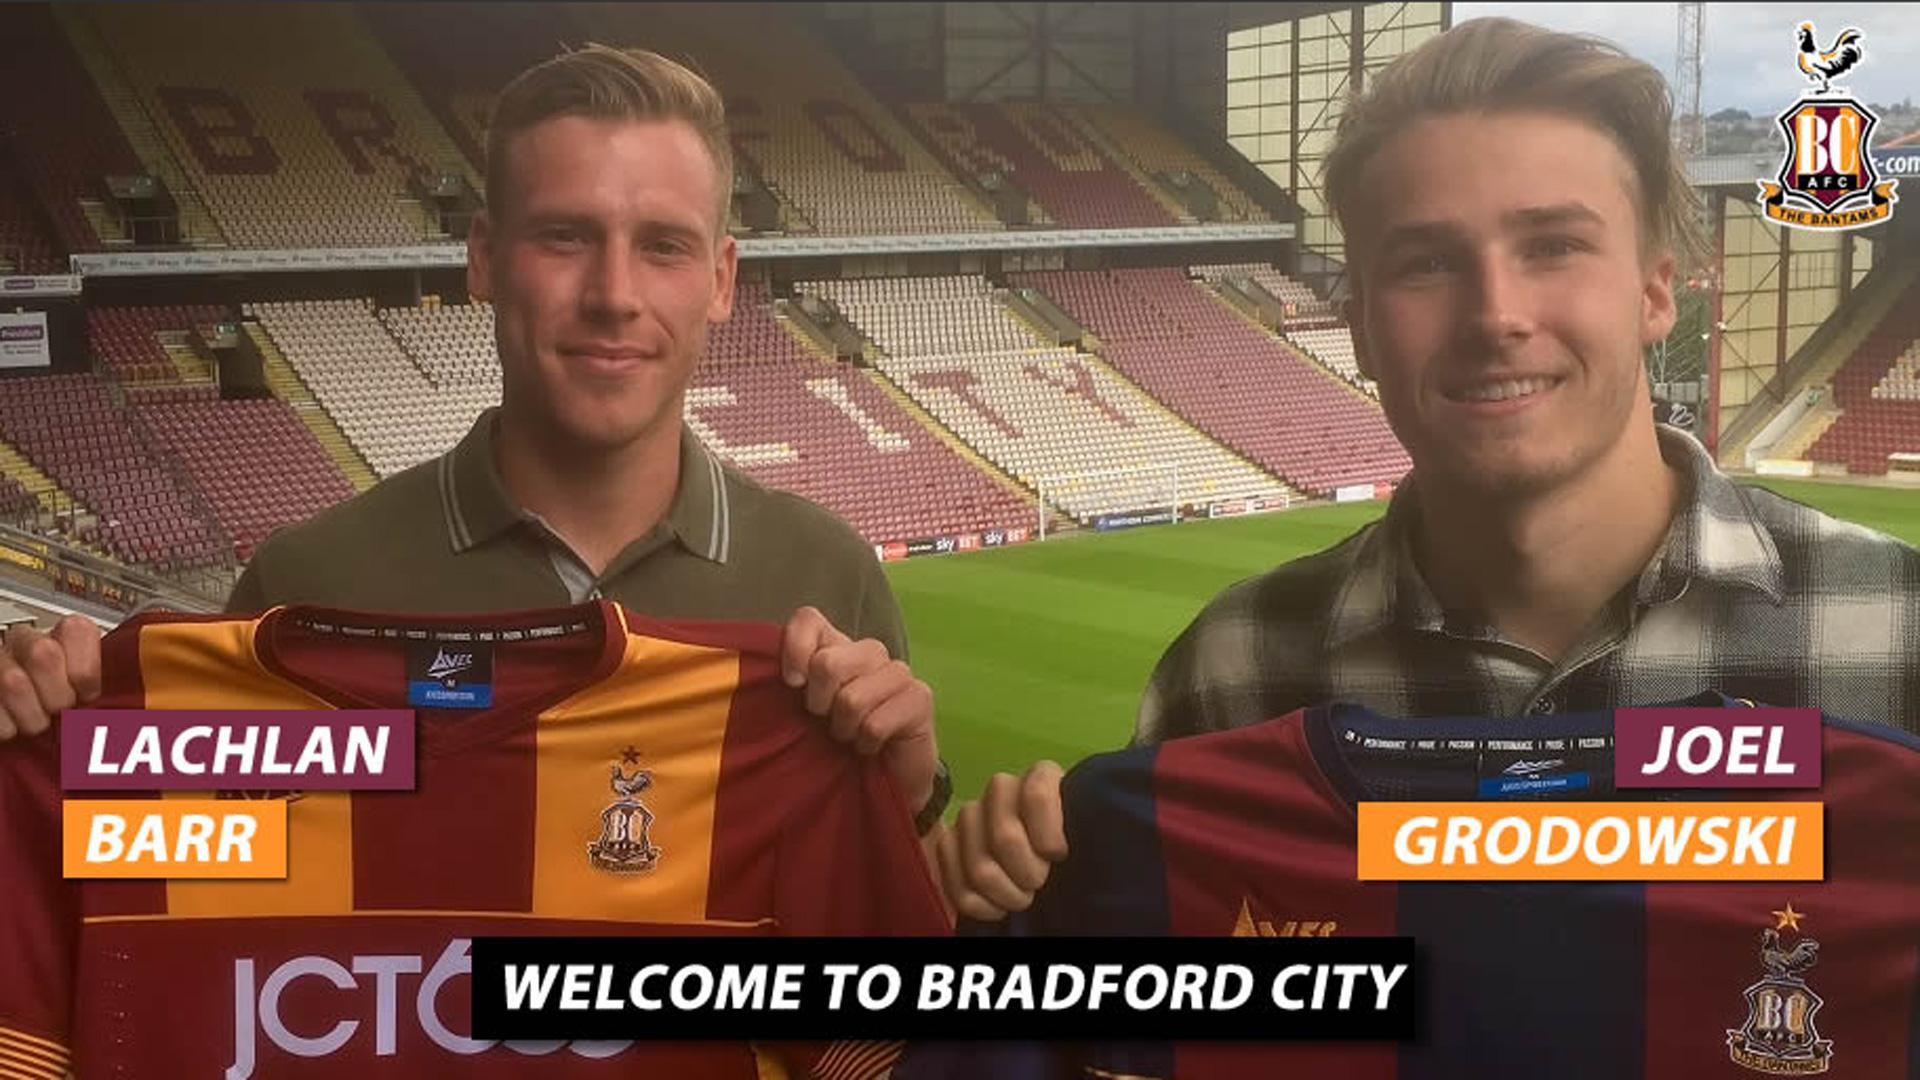 Joel Grodowski wechselt von der Kreisliga in die dritte Liga Englands